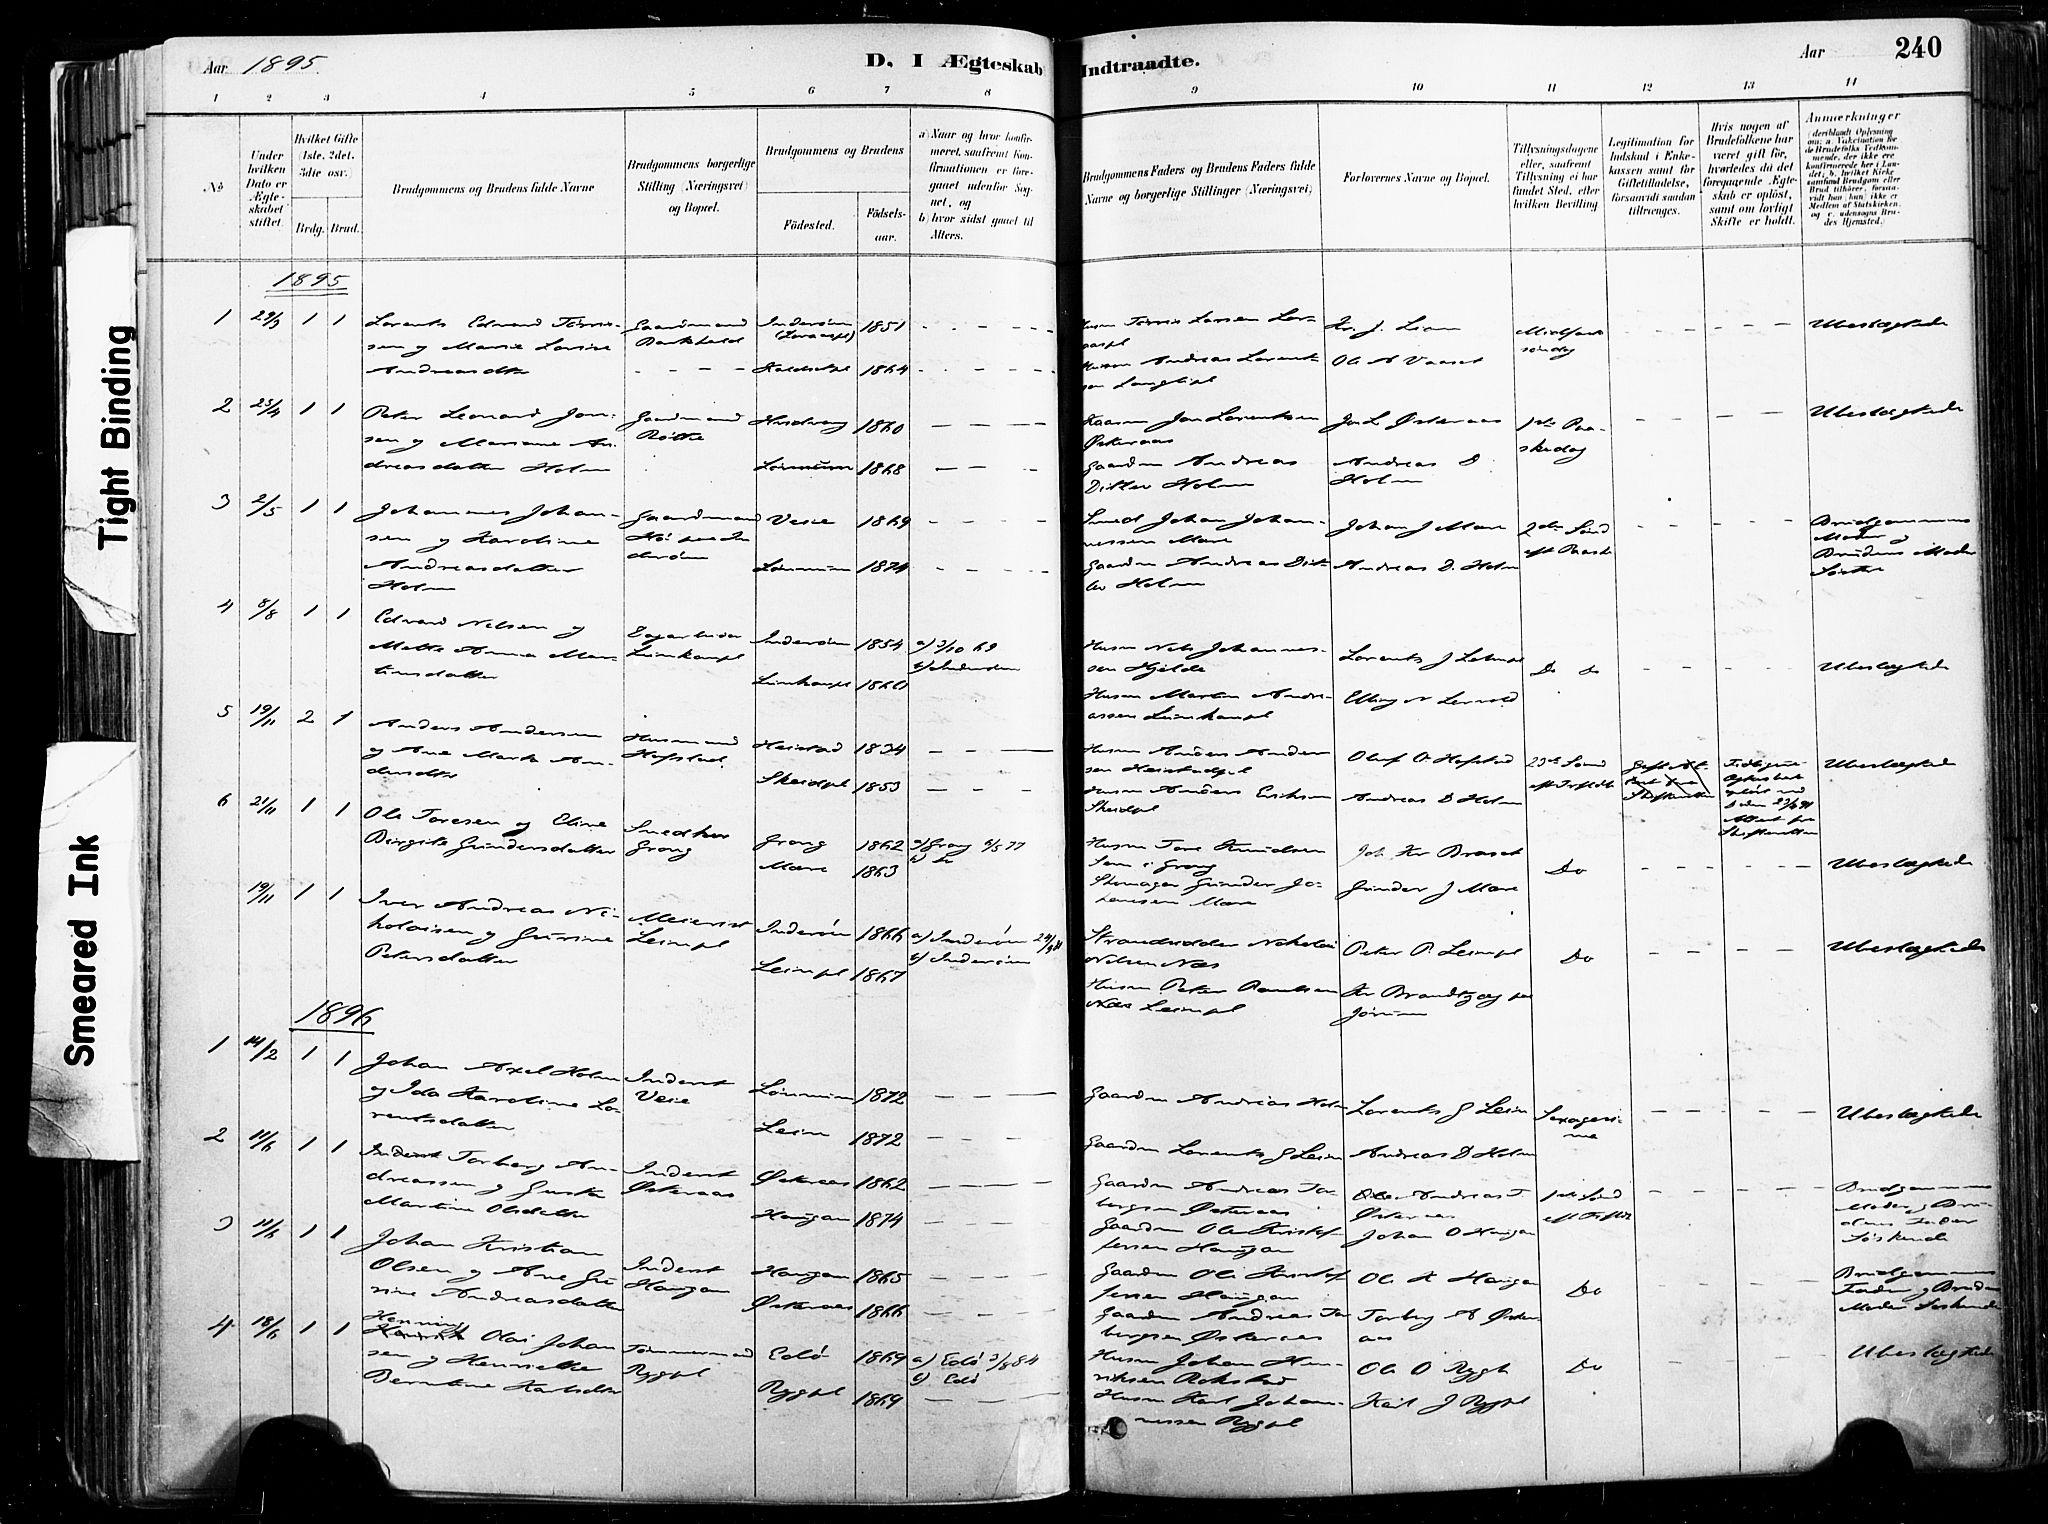 SAT, Ministerialprotokoller, klokkerbøker og fødselsregistre - Nord-Trøndelag, 735/L0351: Ministerialbok nr. 735A10, 1884-1908, s. 240